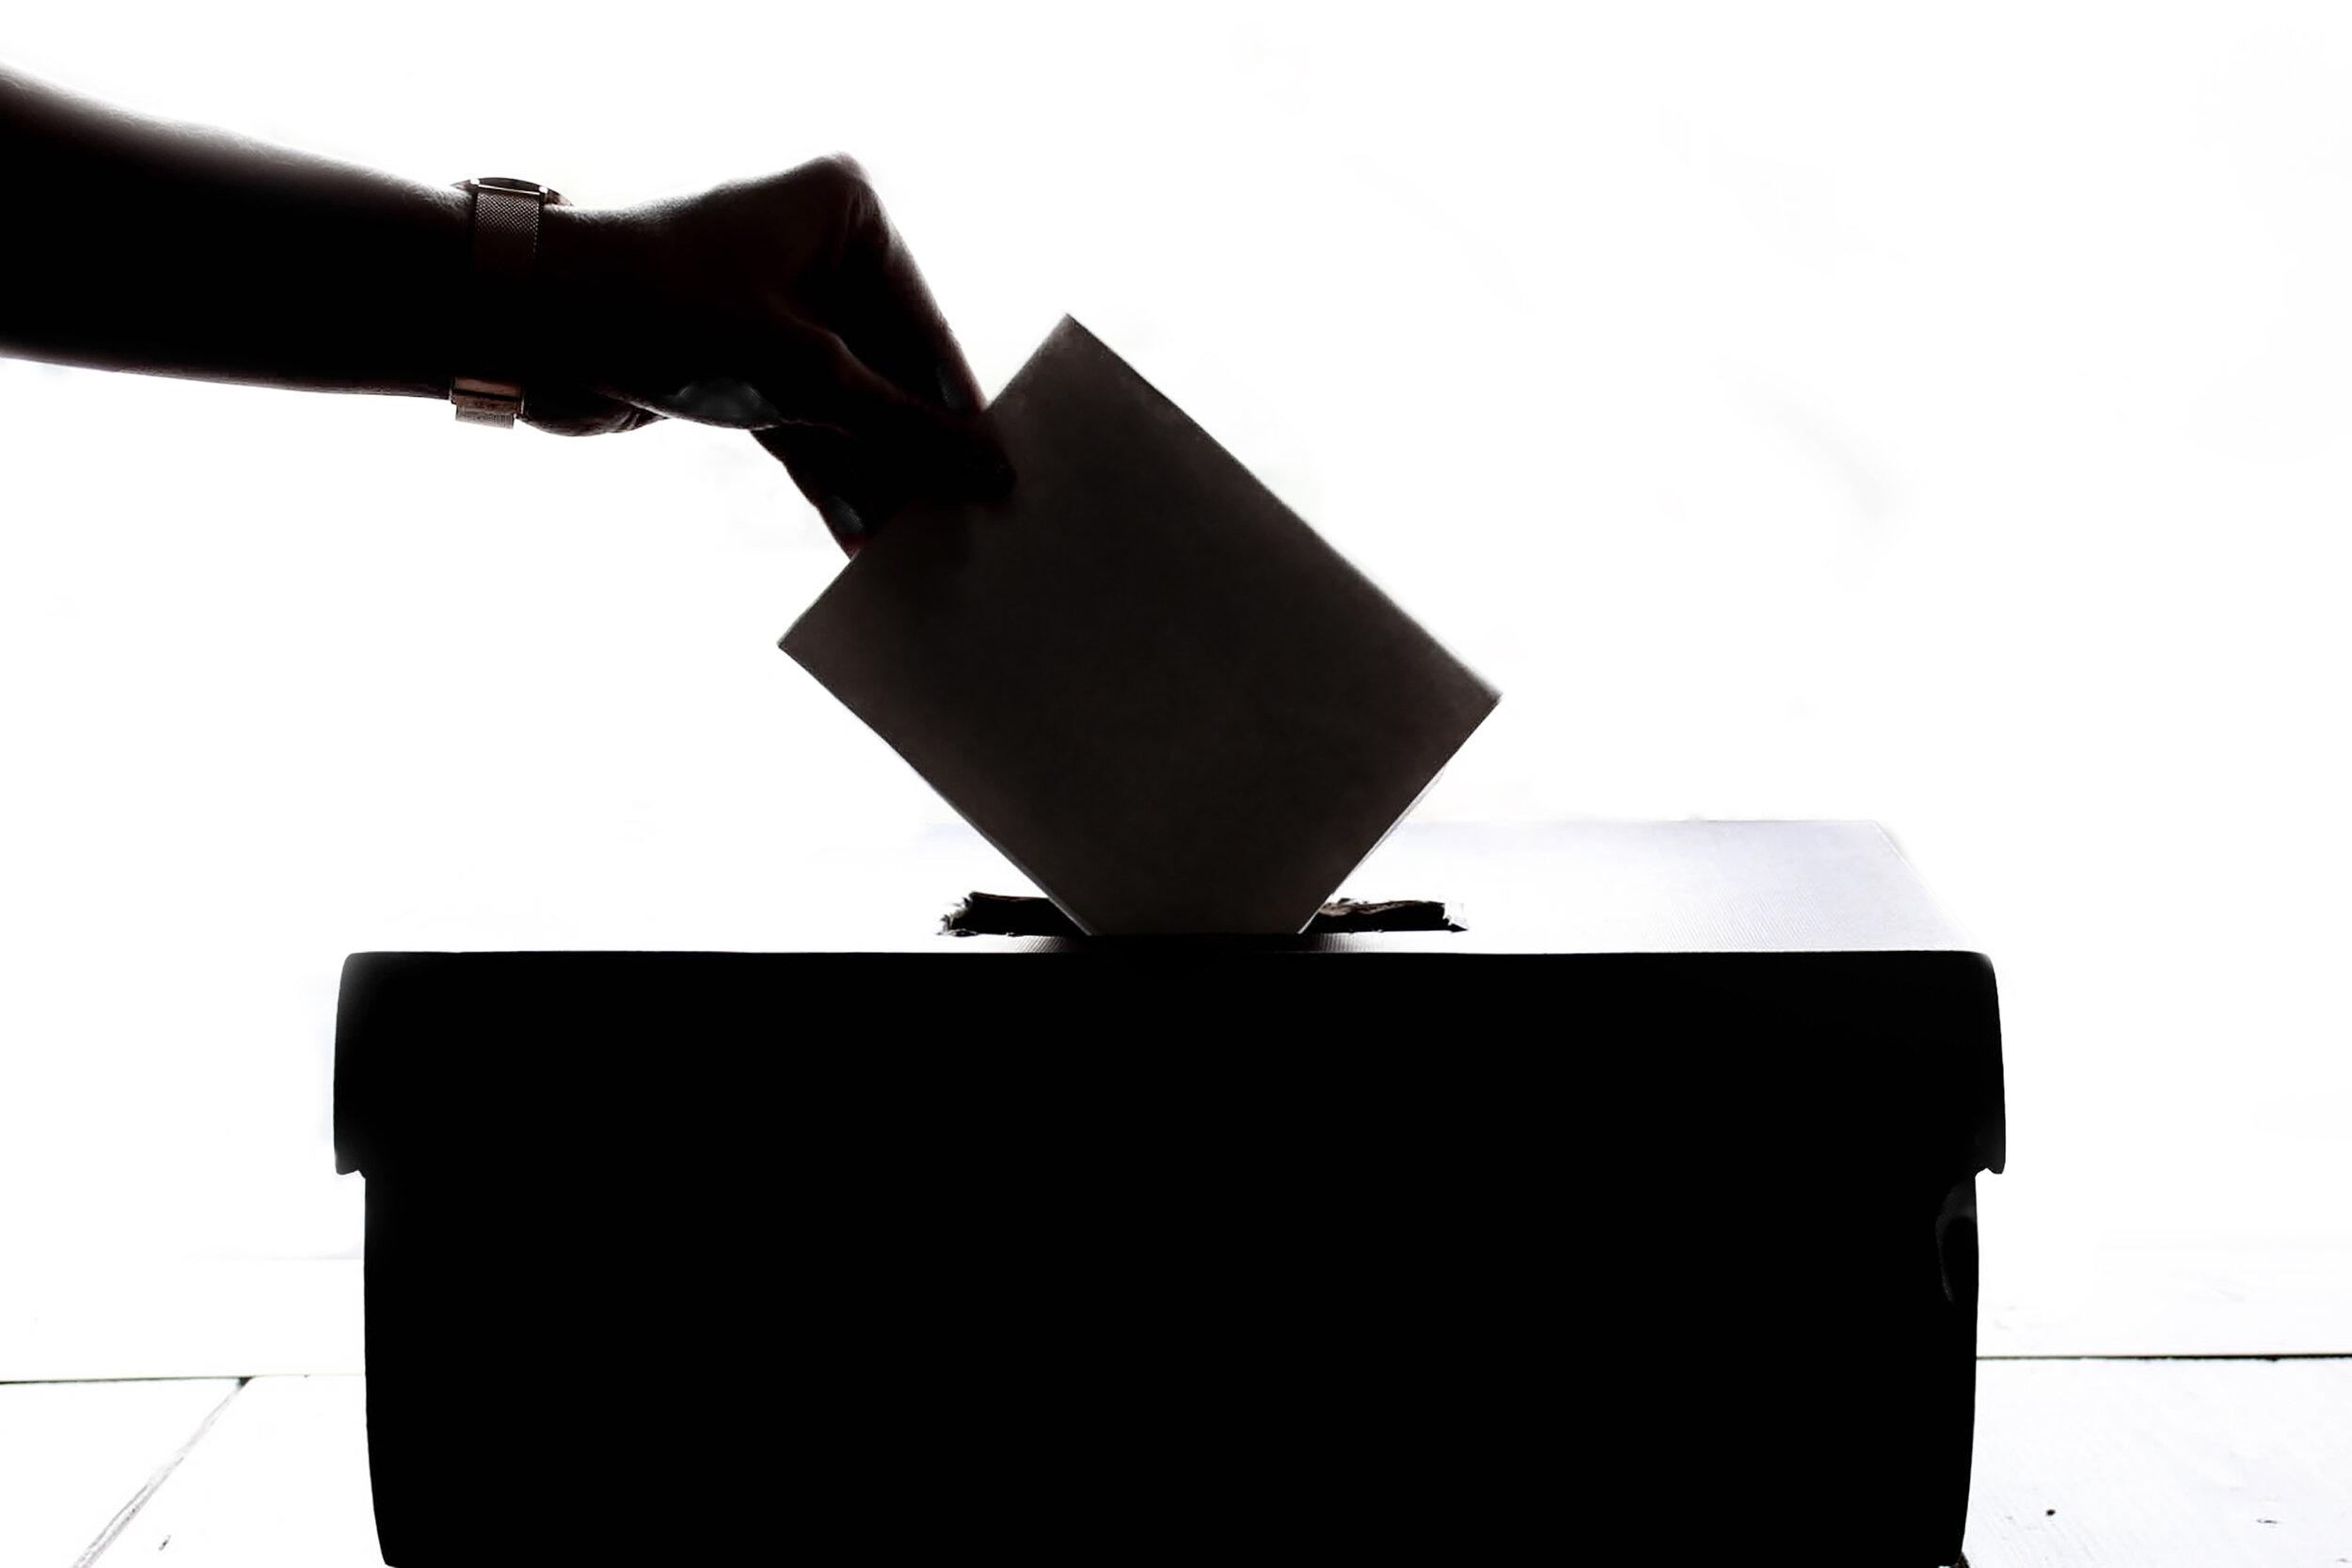 Les plateformes des partis fédéraux - Voyez comment les principaux partis politiques promettent de s'attaquer aux enjeux liés à l'habitation dans cette élection.